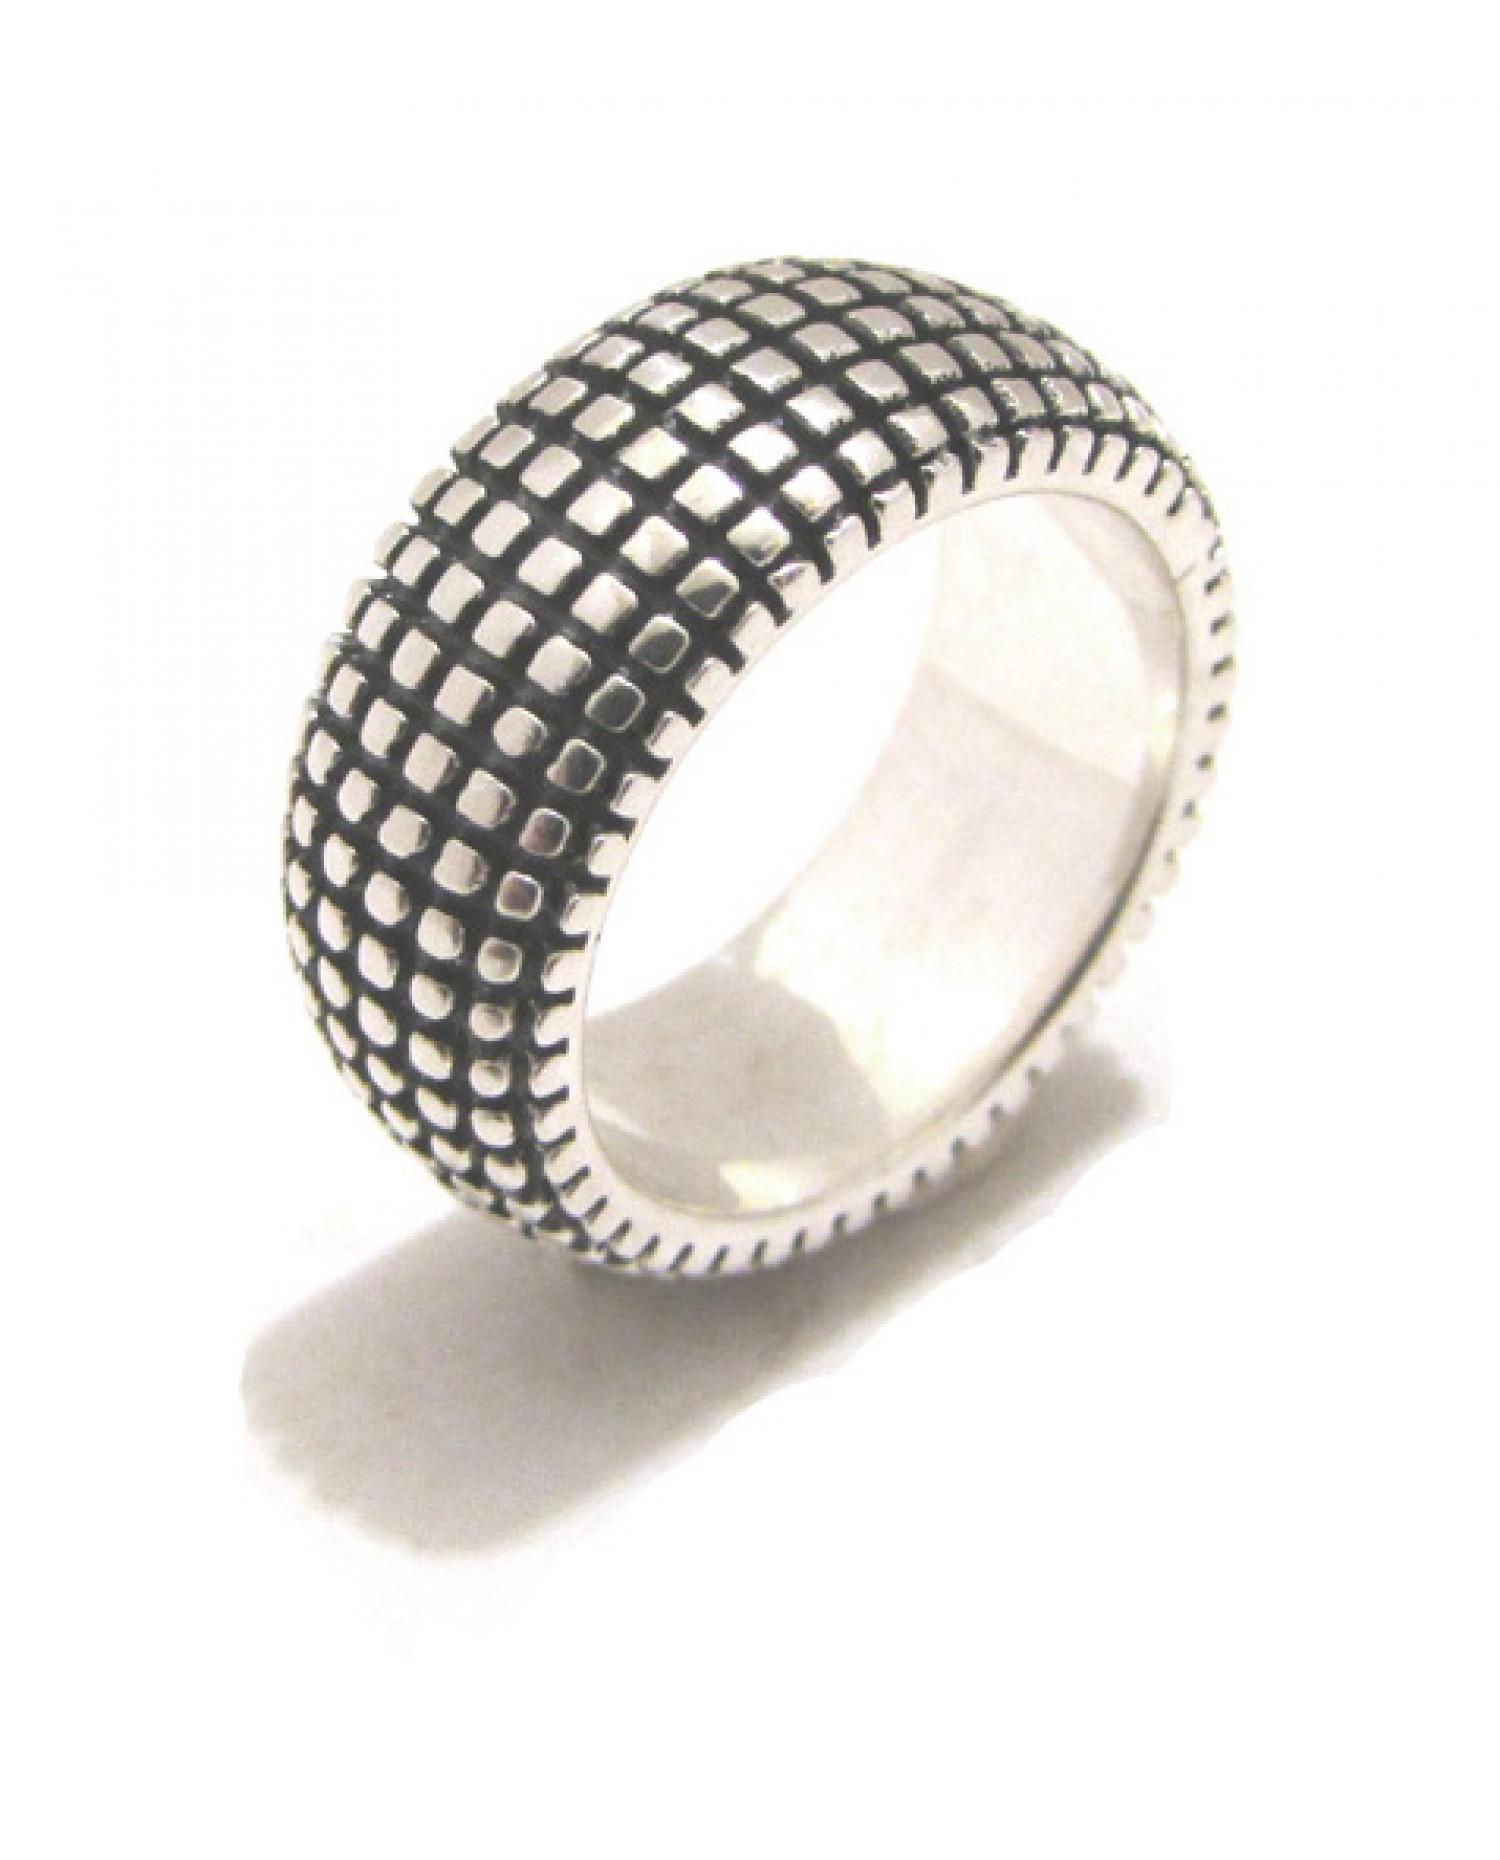 Fascia in argento con motivo a rete